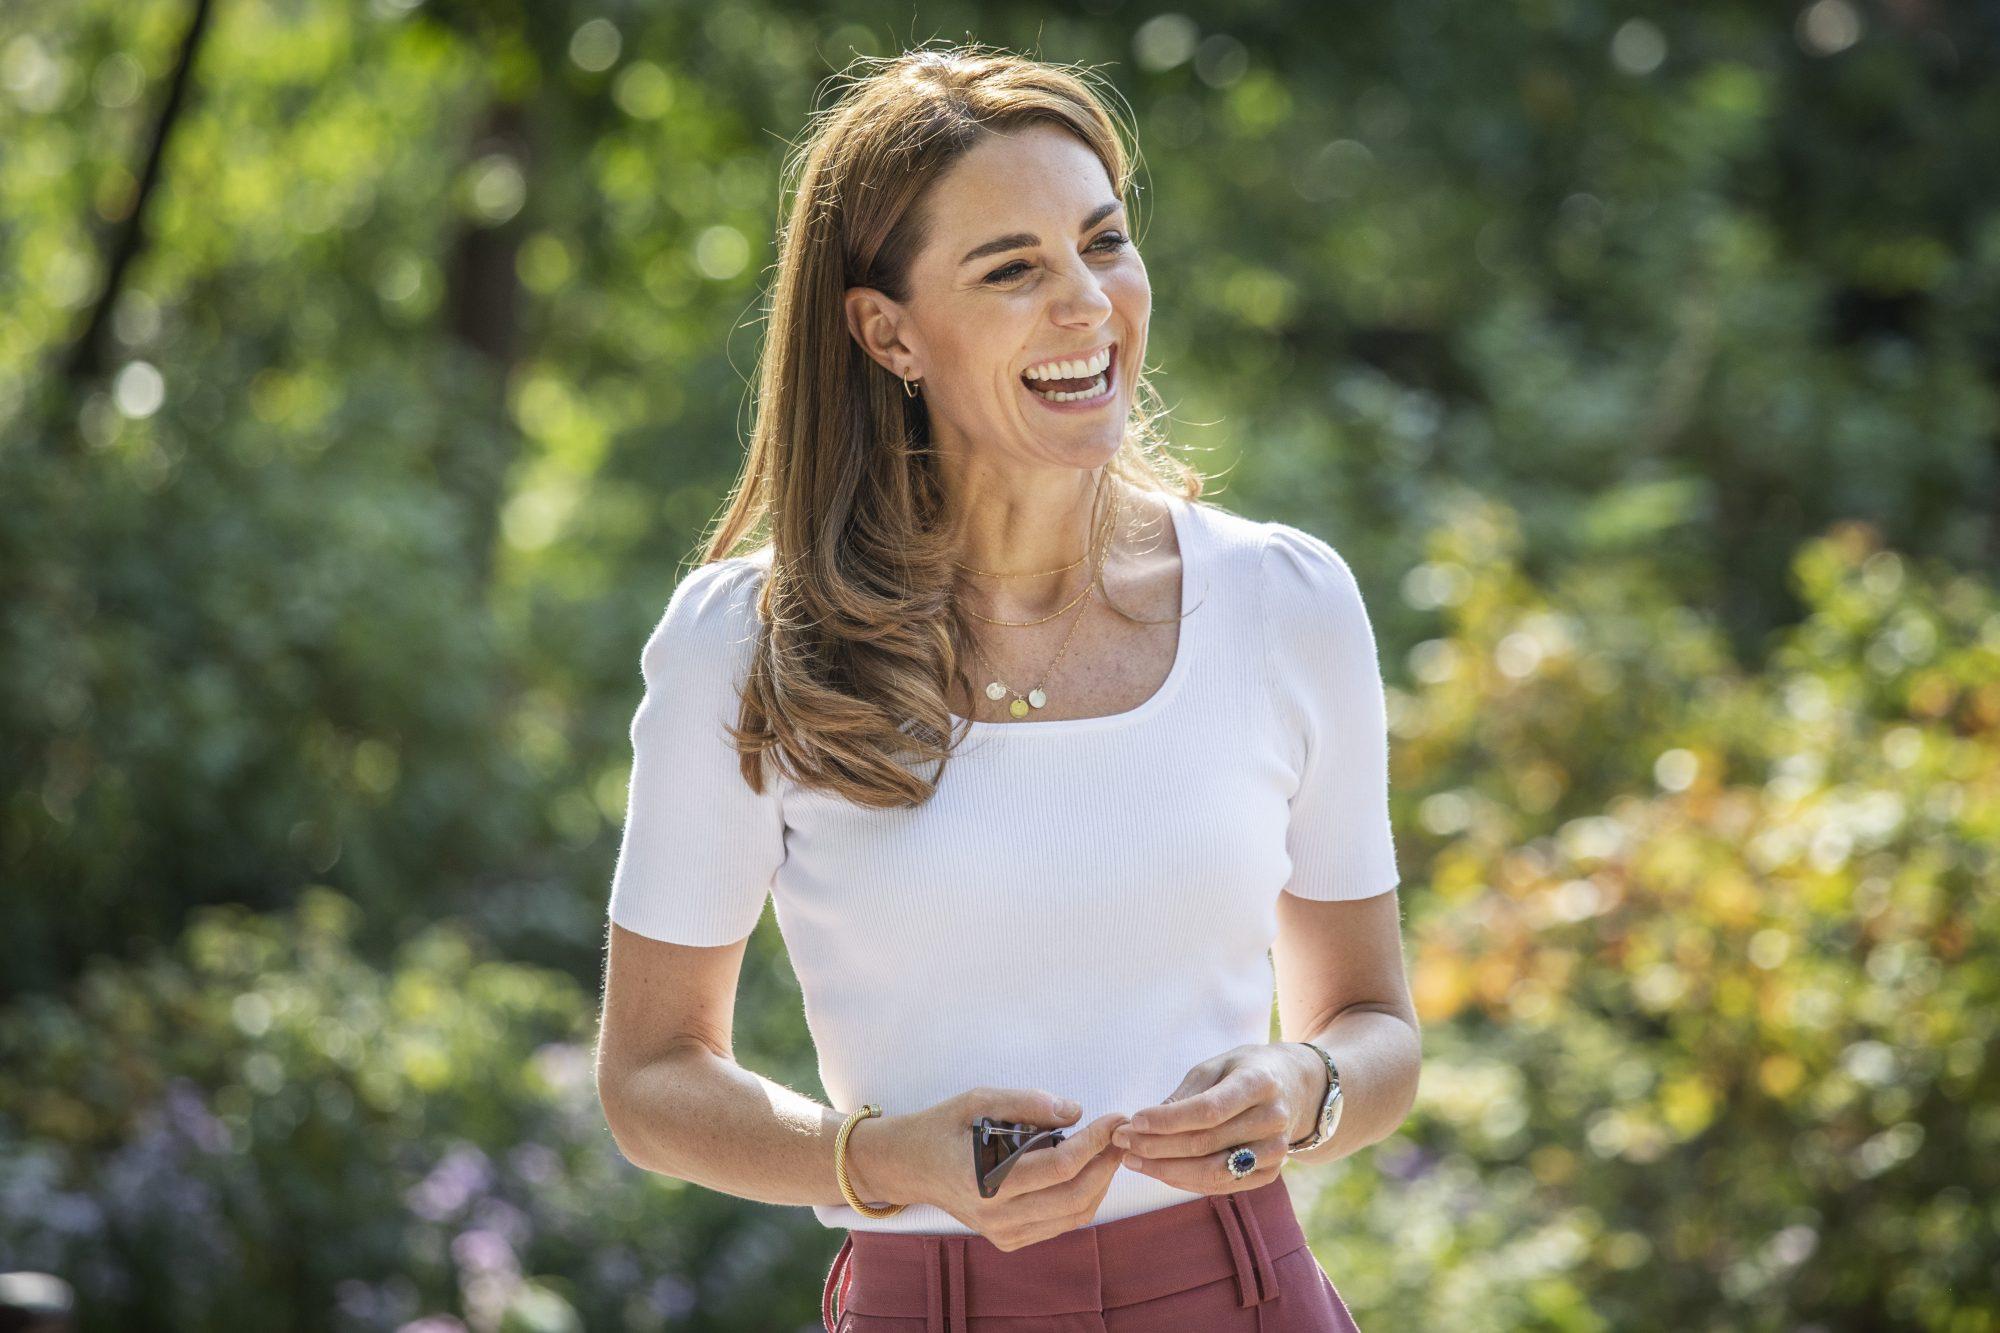 Bí mật dưỡng tóc của Công nương Kate được chính nhà tạo mẫu tóc Hoàng gia Anh tiết lộ - Ảnh 4.